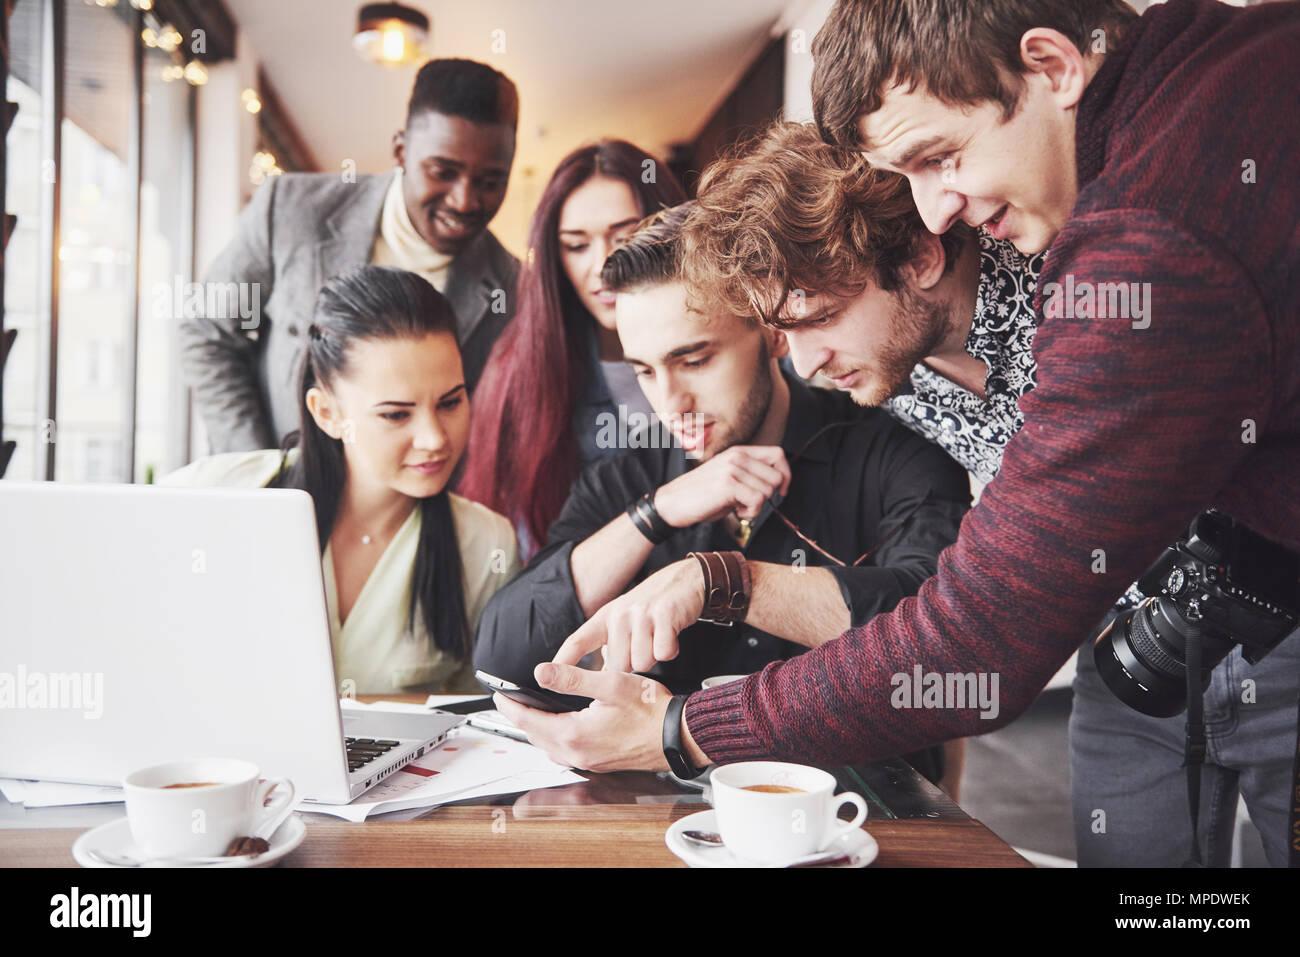 Retrato de grupo alegre viejos amigos comunicarse unos con otros, amigo posando en café, de estilo urbano, la gente divirtiéndose, Conceptos sobre la juventud, la convivencia en el estilo de vida. Conexión Wifi Imagen De Stock